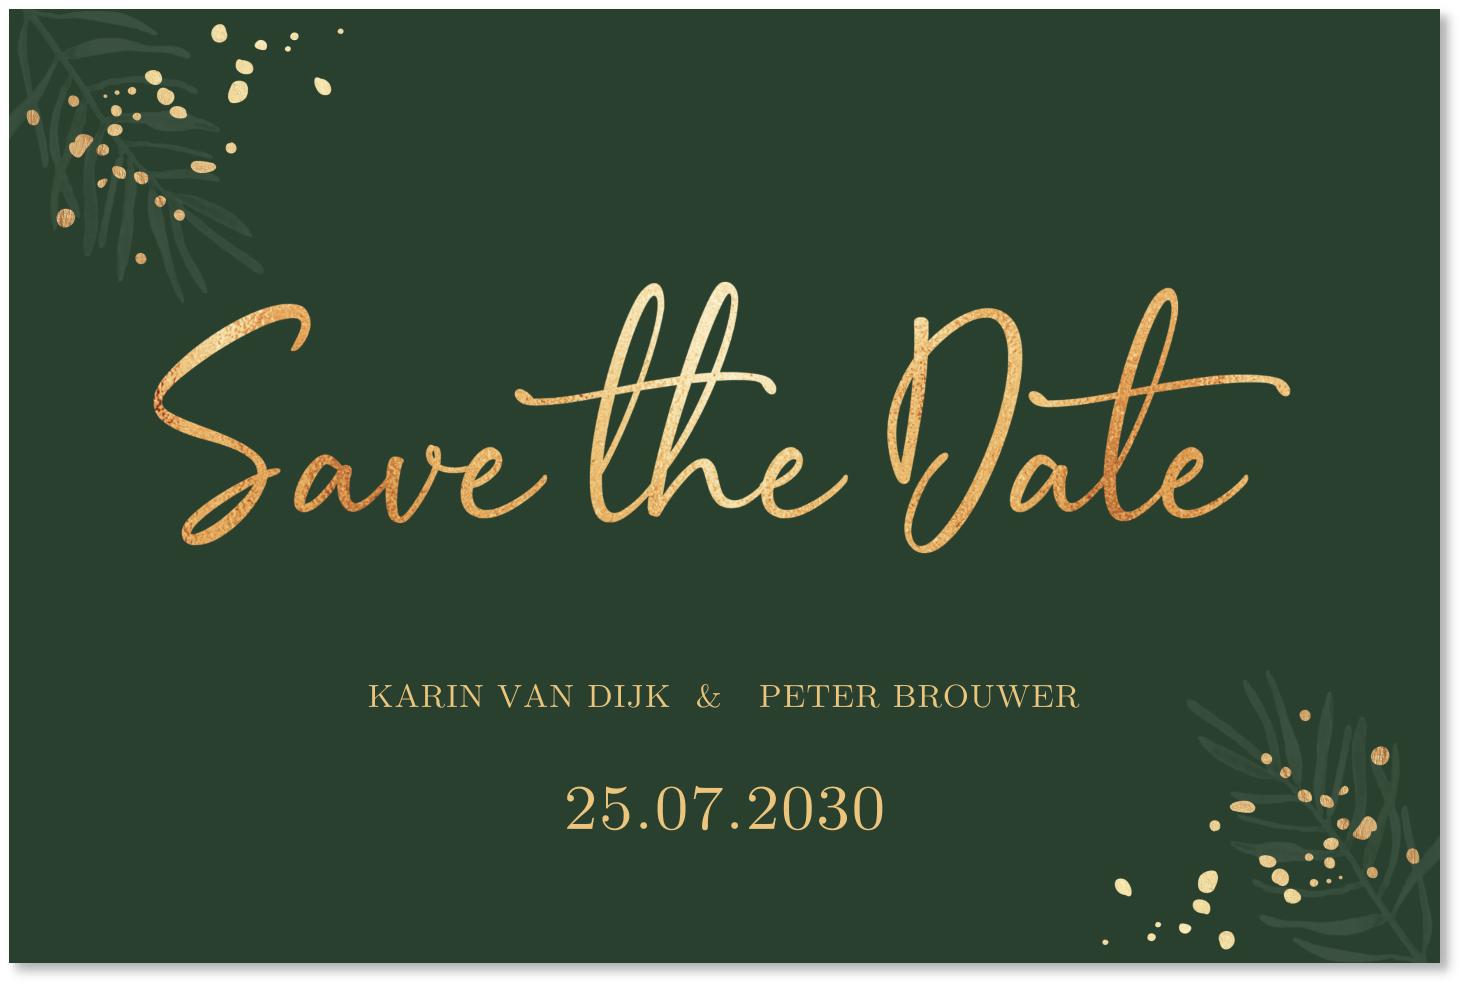 Kerst Save the Date groen goudlook